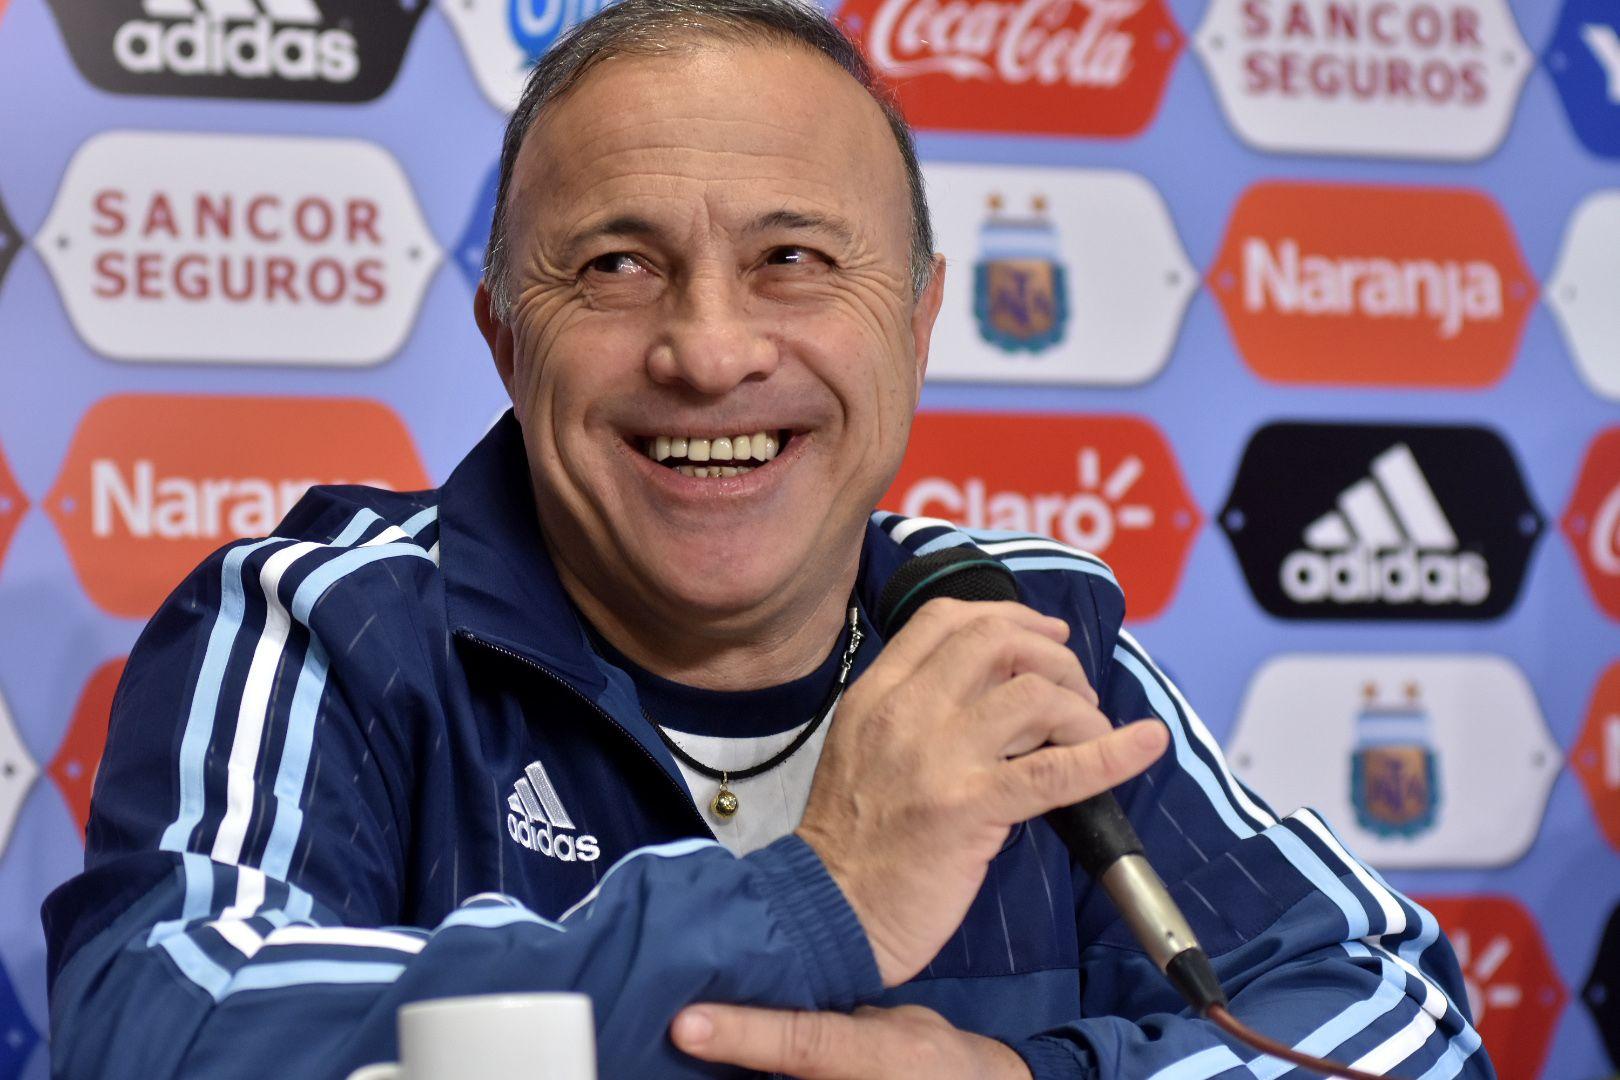 ¿Qué prometió Olarticoechea si Argentina gana una medalla en Río 2016?